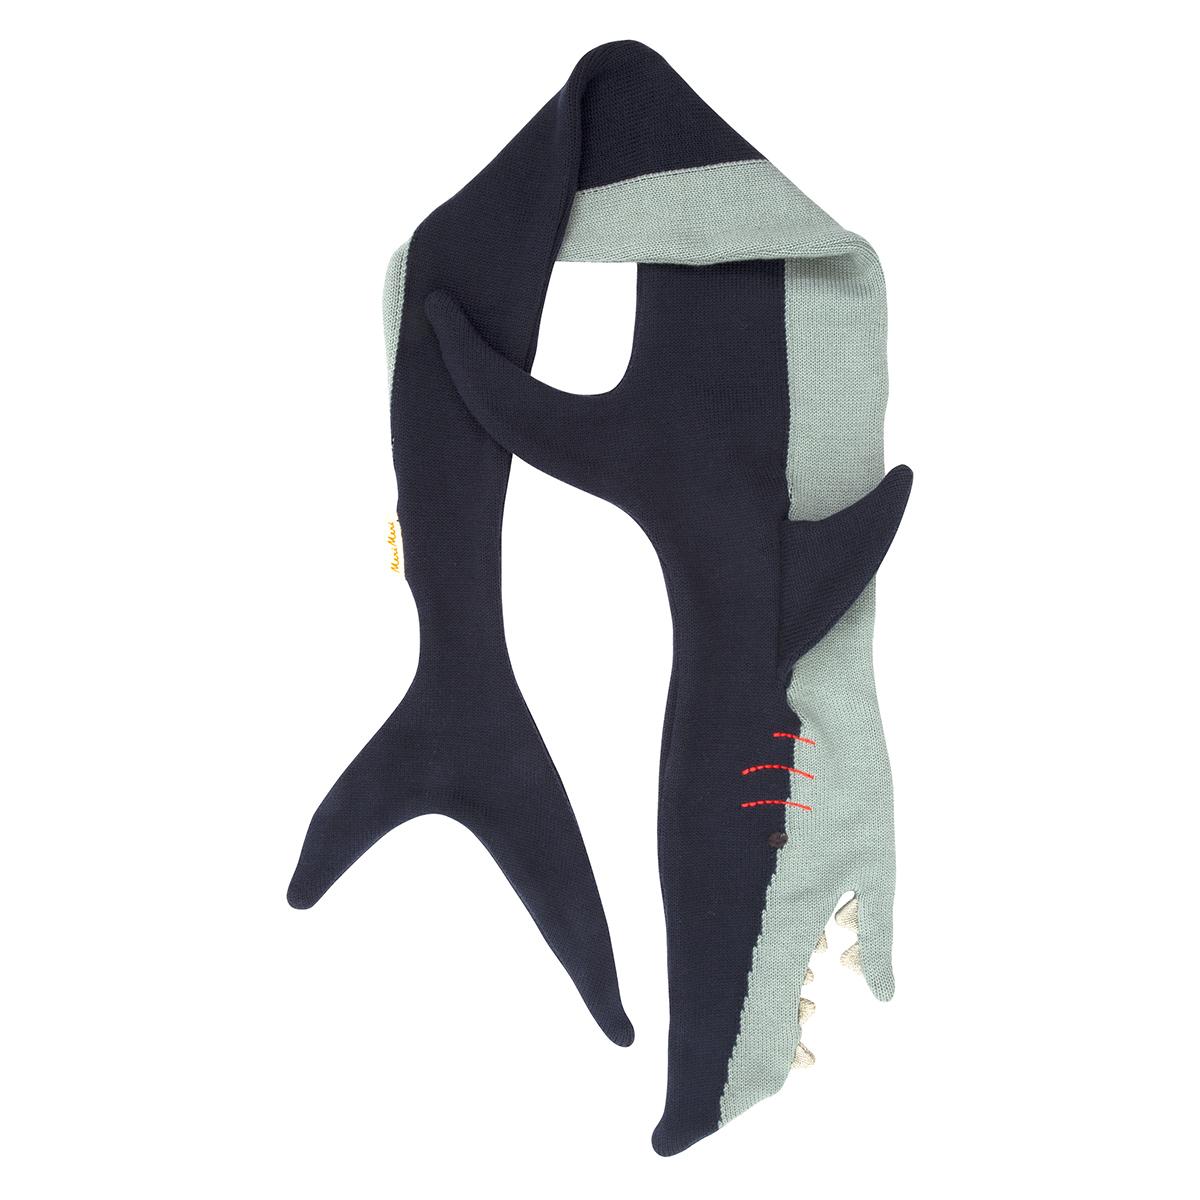 Accessoires bébé Echarpe Requin Echarpe Requin